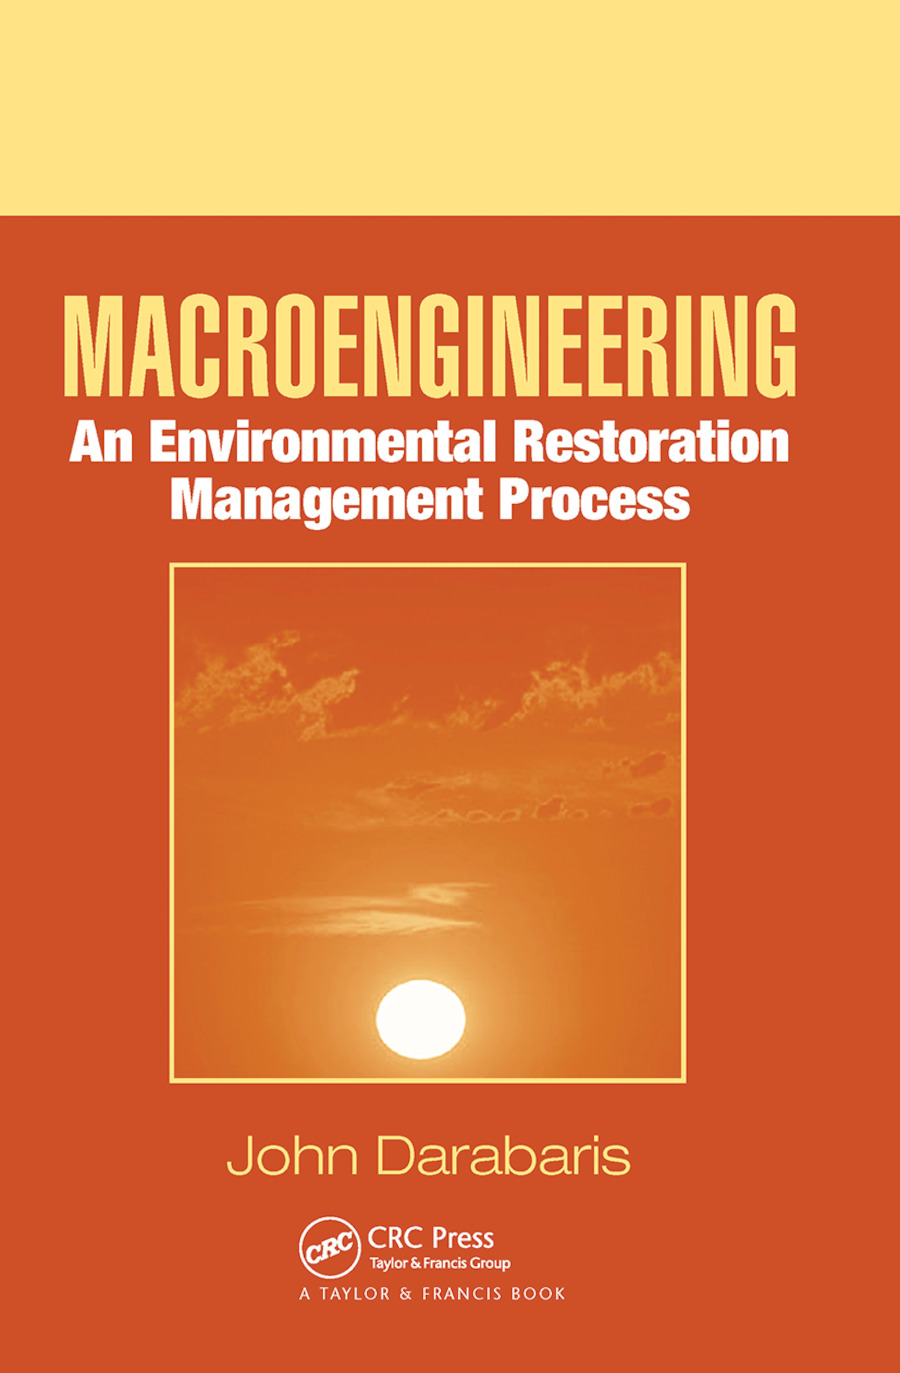 Macroengineering